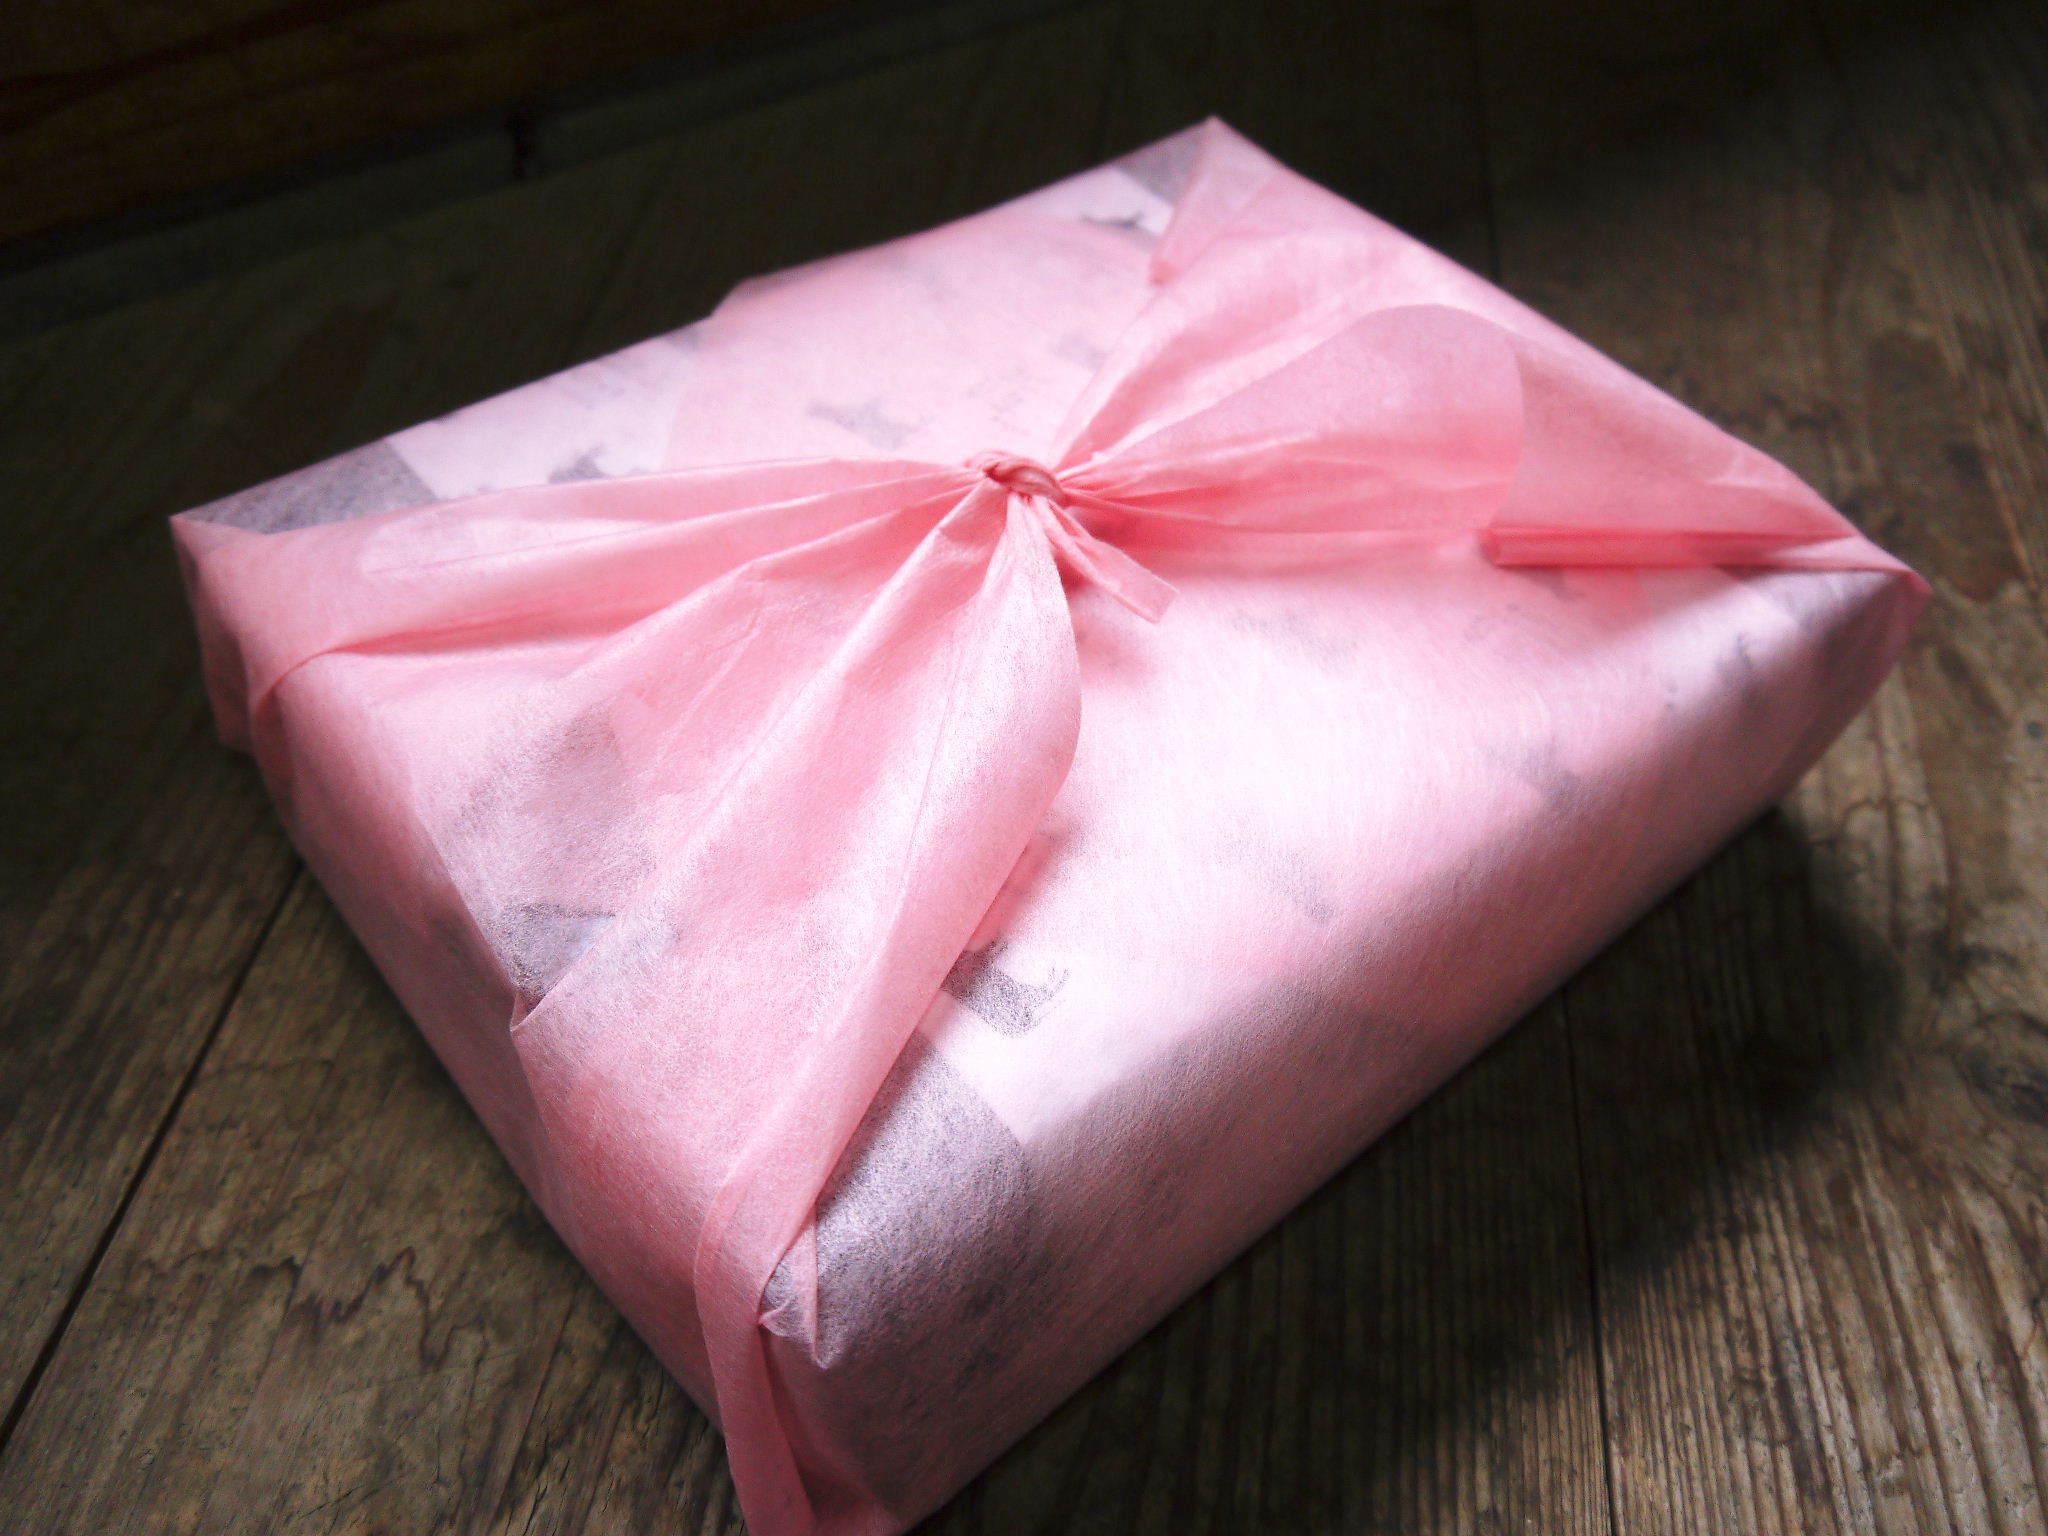 熊本県産A5ランク黒毛和牛100%のハンバーグステーキ!令和2年最終出荷は12月16日(水)残りわずかです_a0254656_20263023.jpg